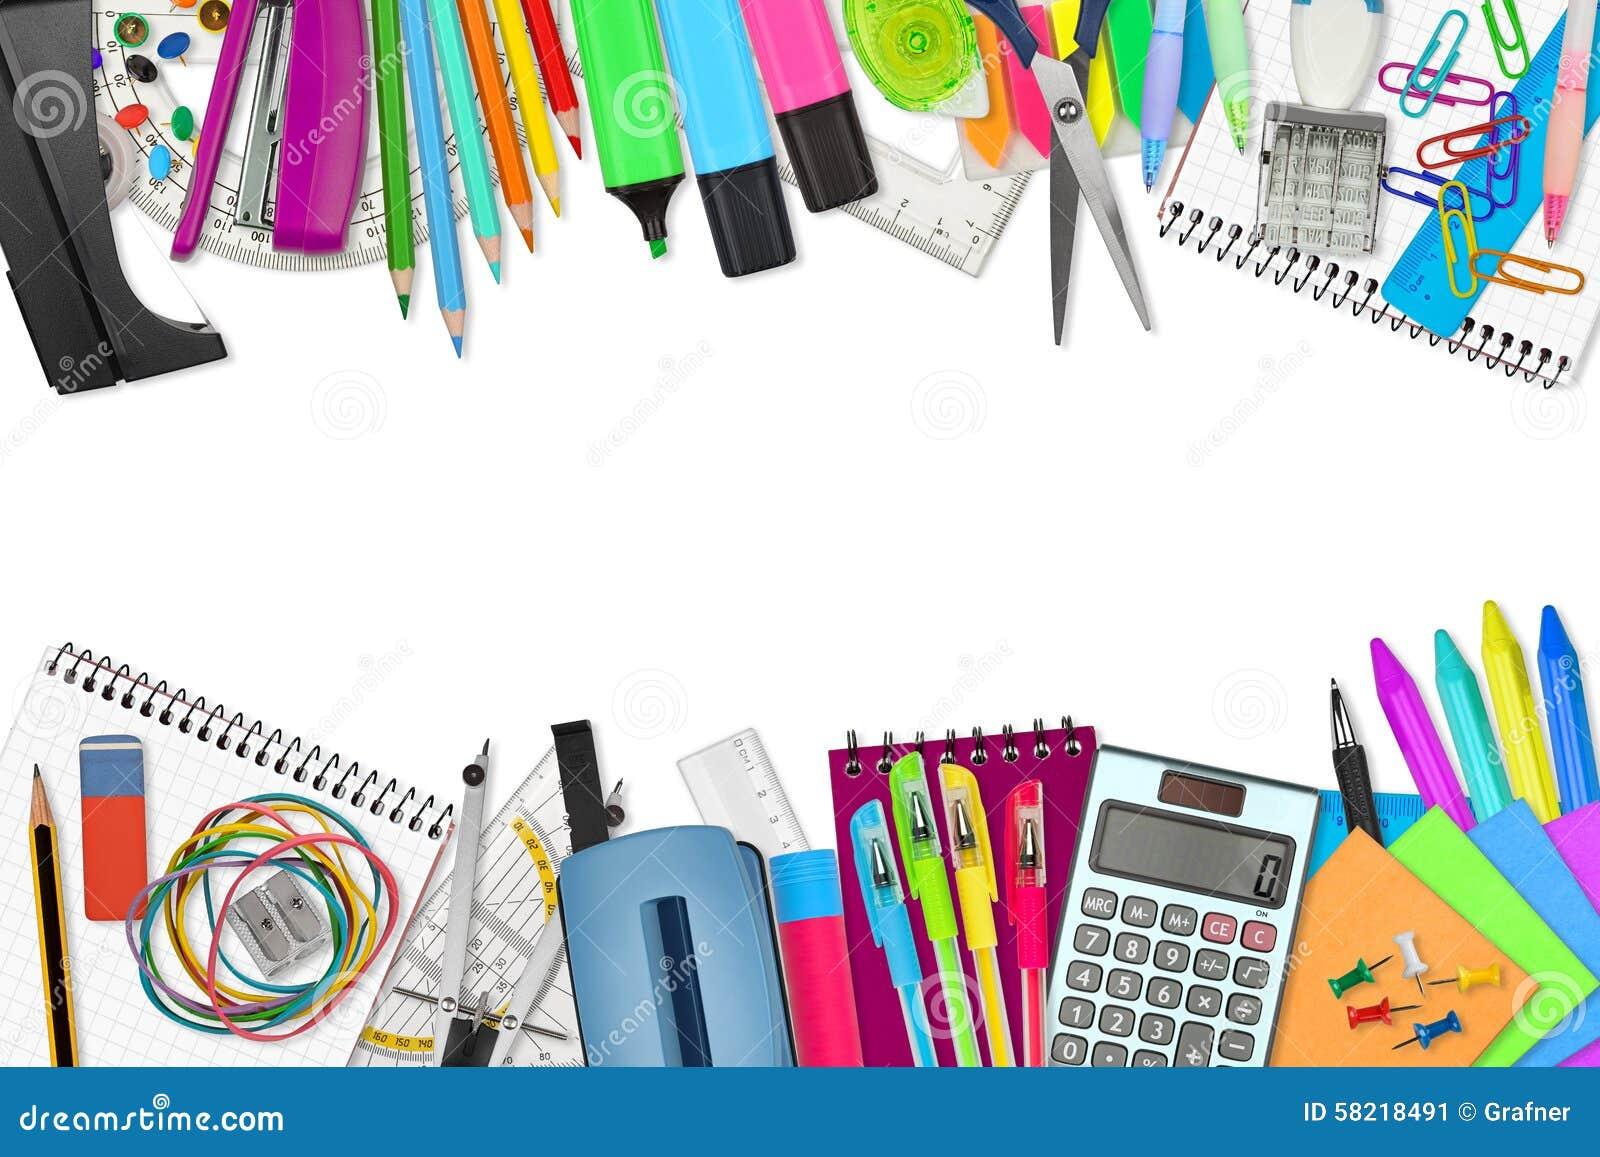 Scuola/articoli Per Ufficio Immagine Stock - Immagine di ...